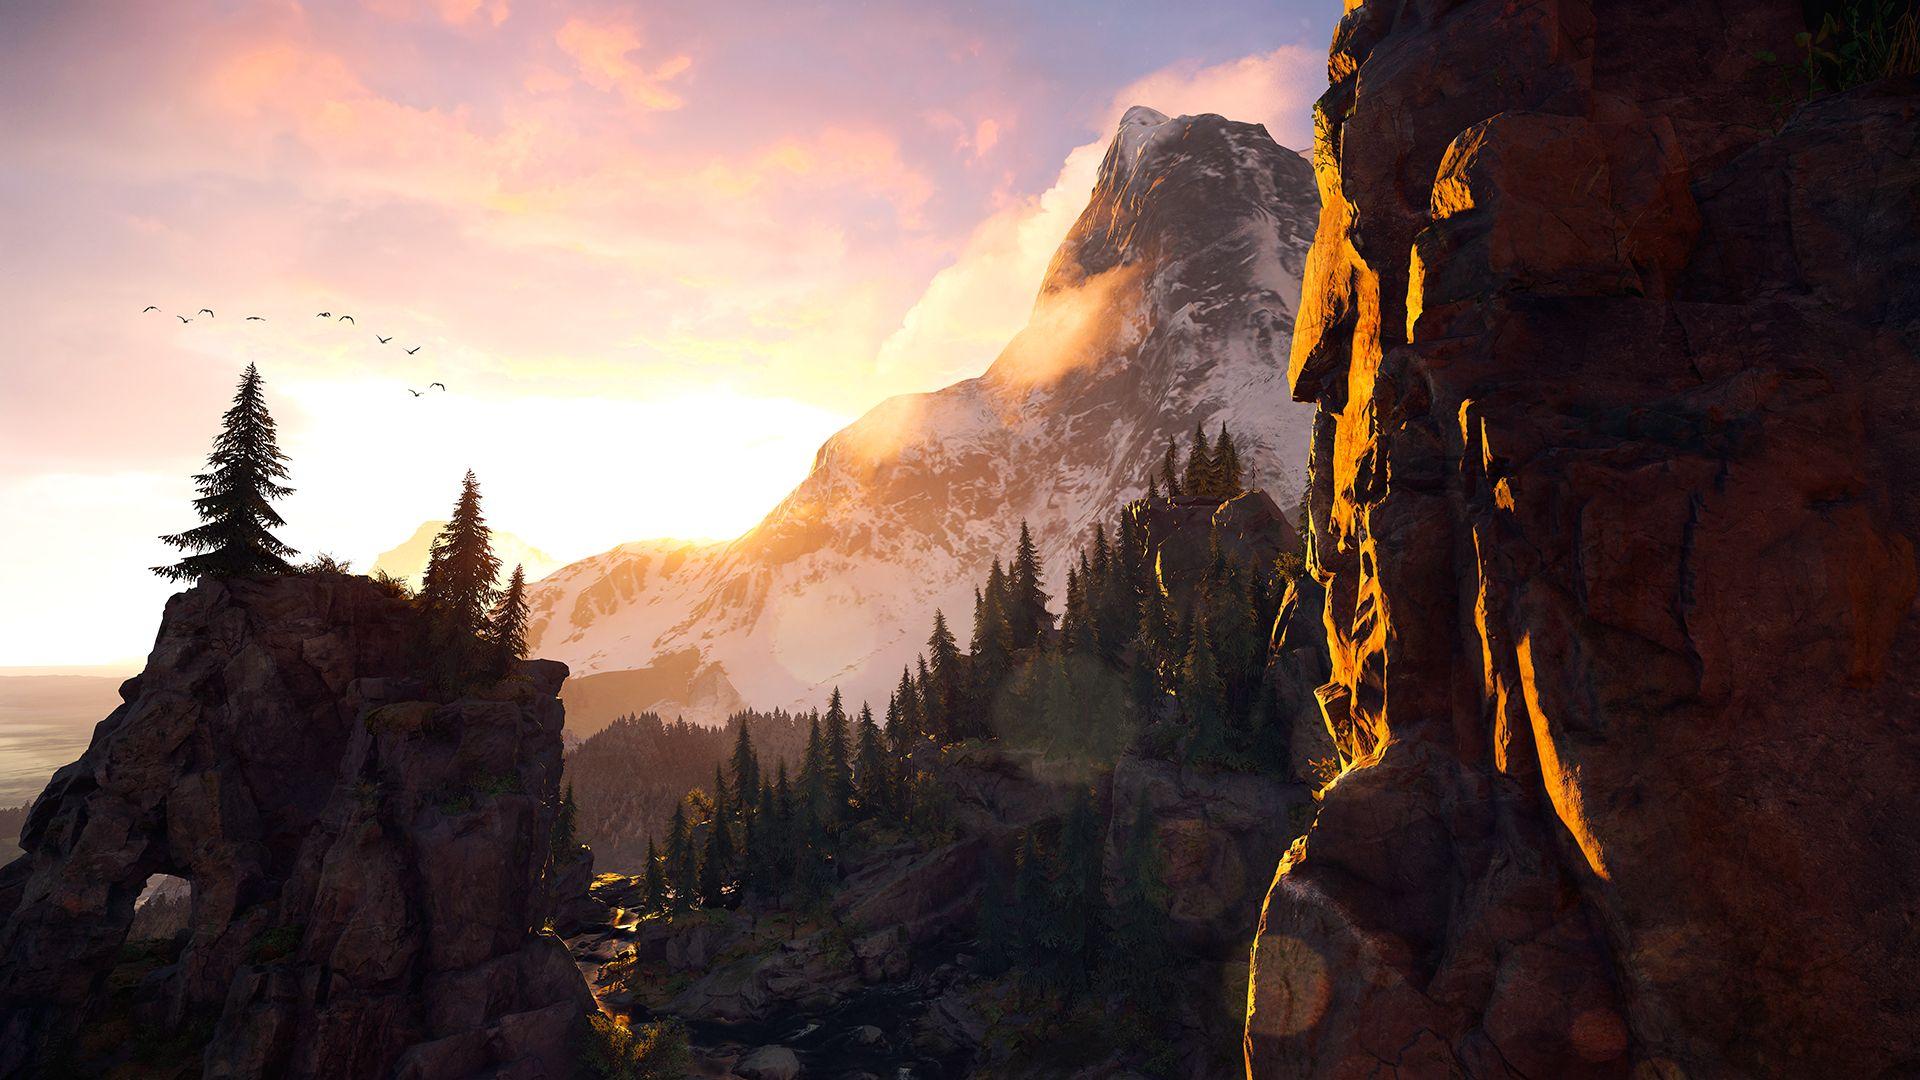 climb_alps_easy_envshot_vista_final